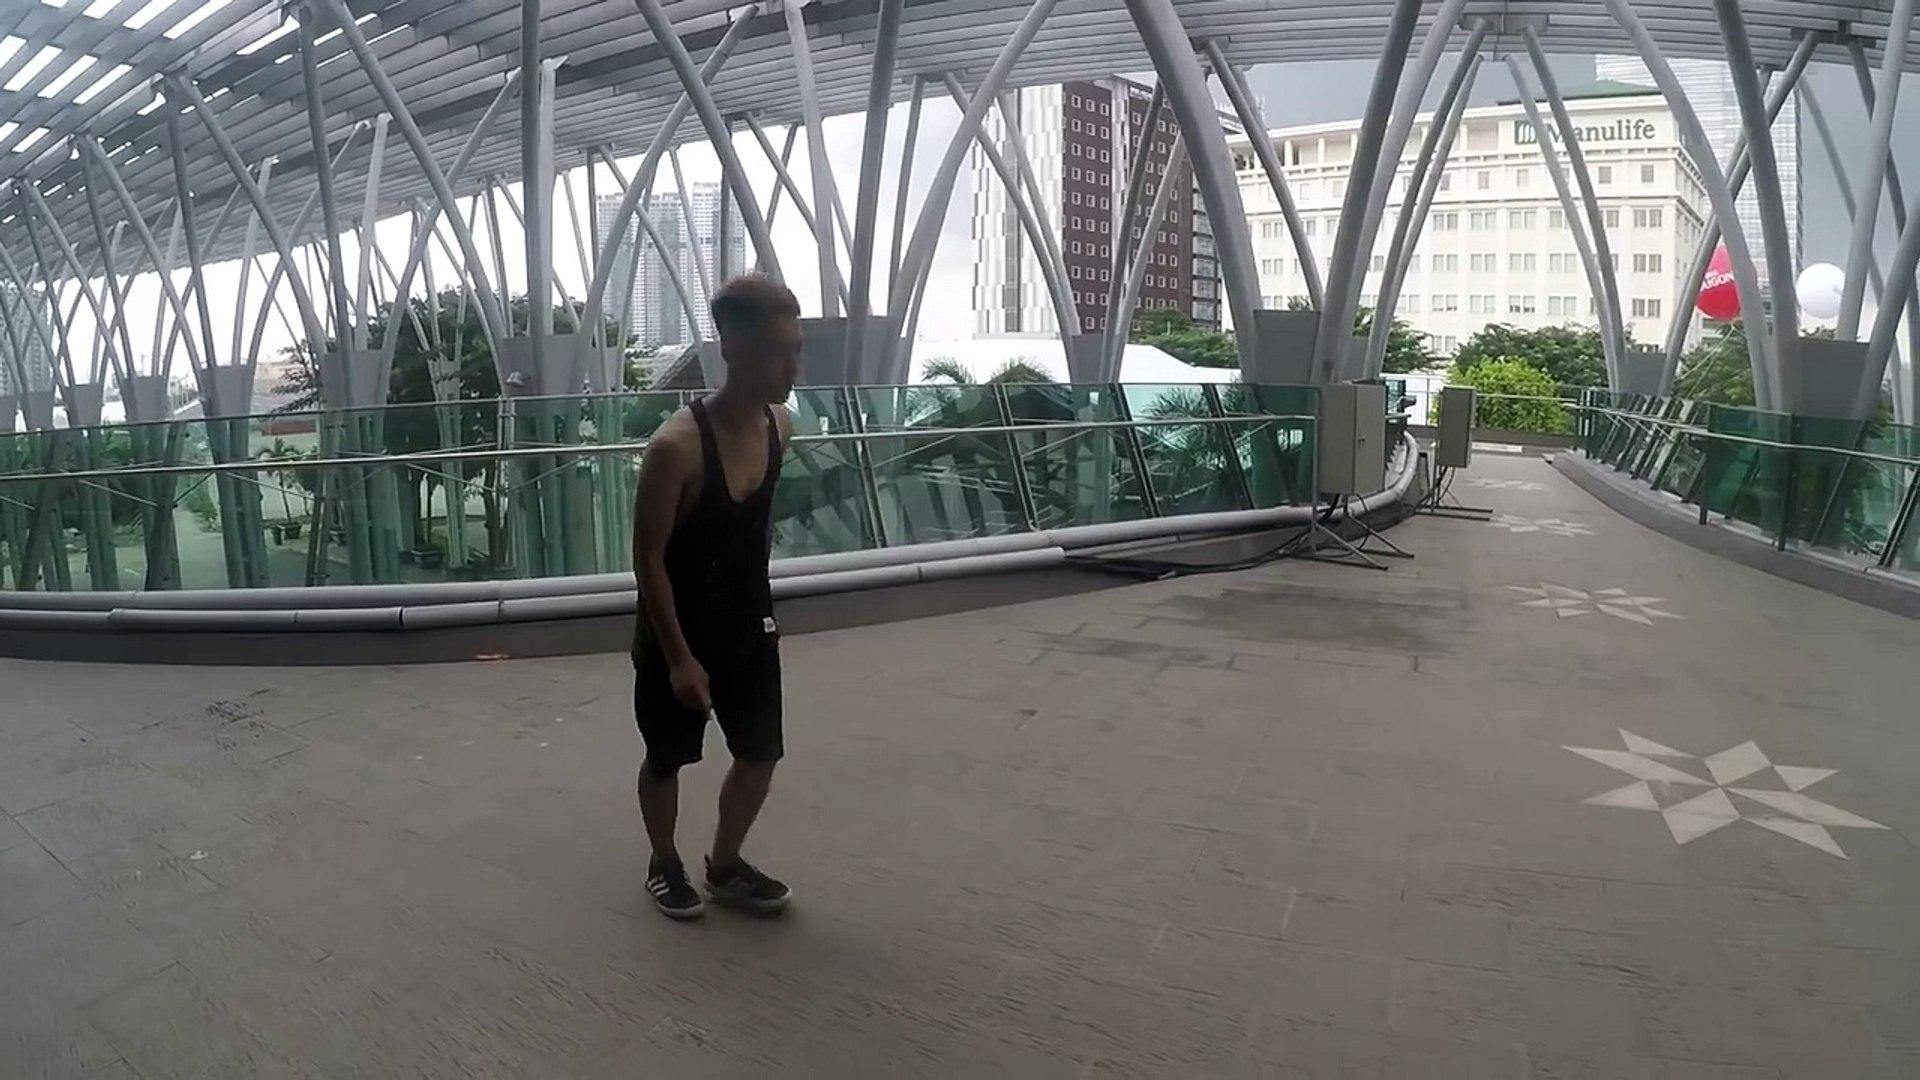 HƯỚNG DẪN FRONT FLIP ( Lộn trước ) - How to front flip